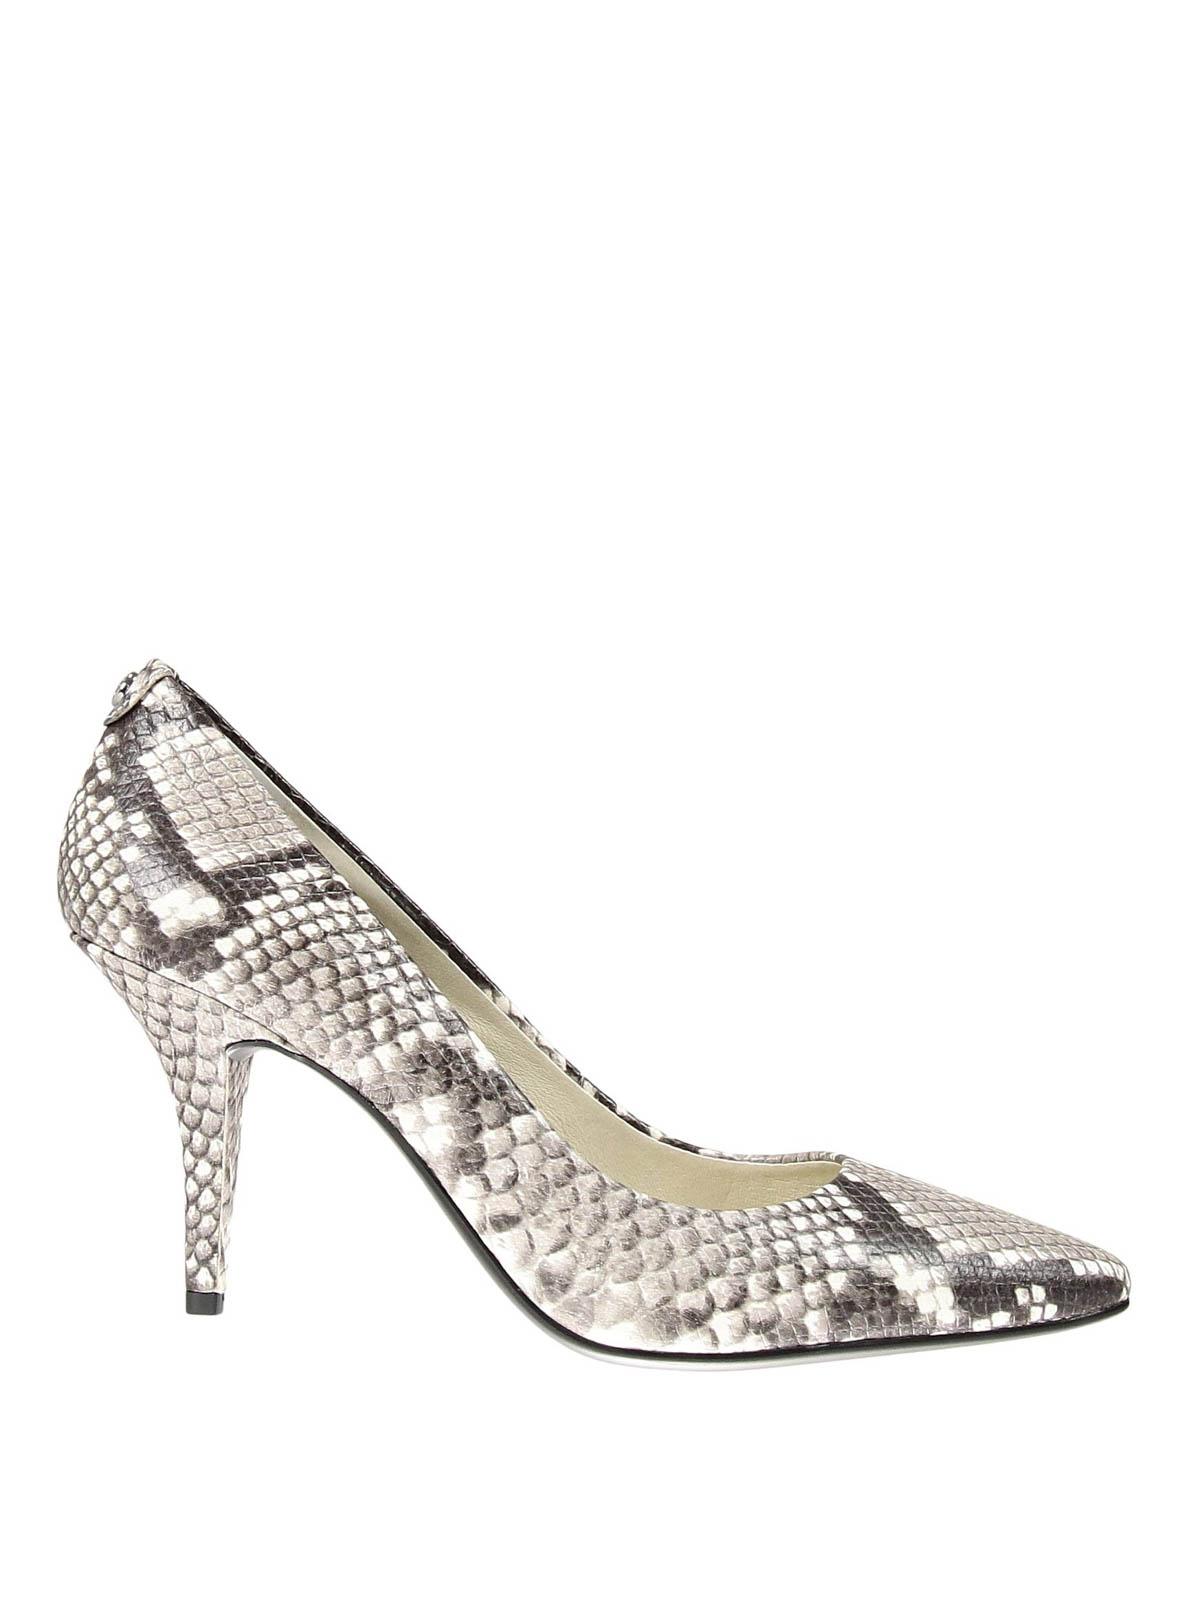 9feb262d3 Michael Kors - Snake print leather pumps - court shoes - 40T5MFMP3E